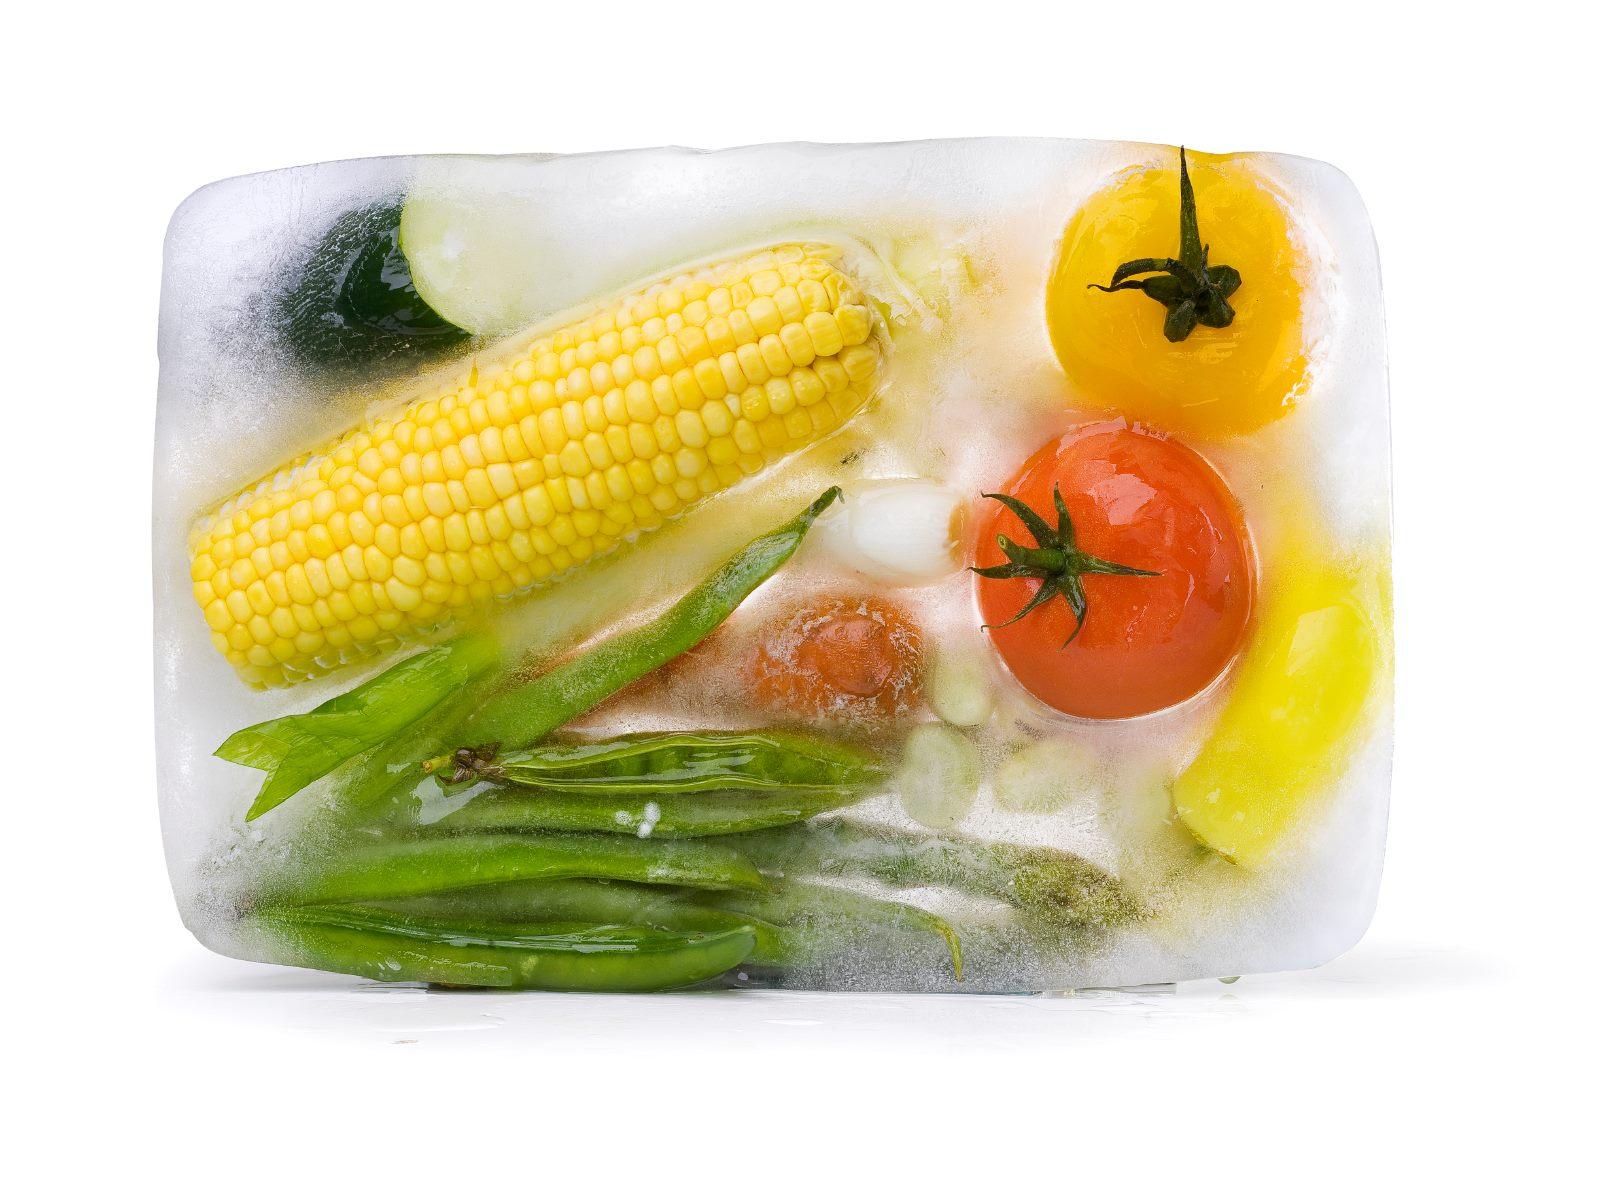 reguli pentru alimentele congelate